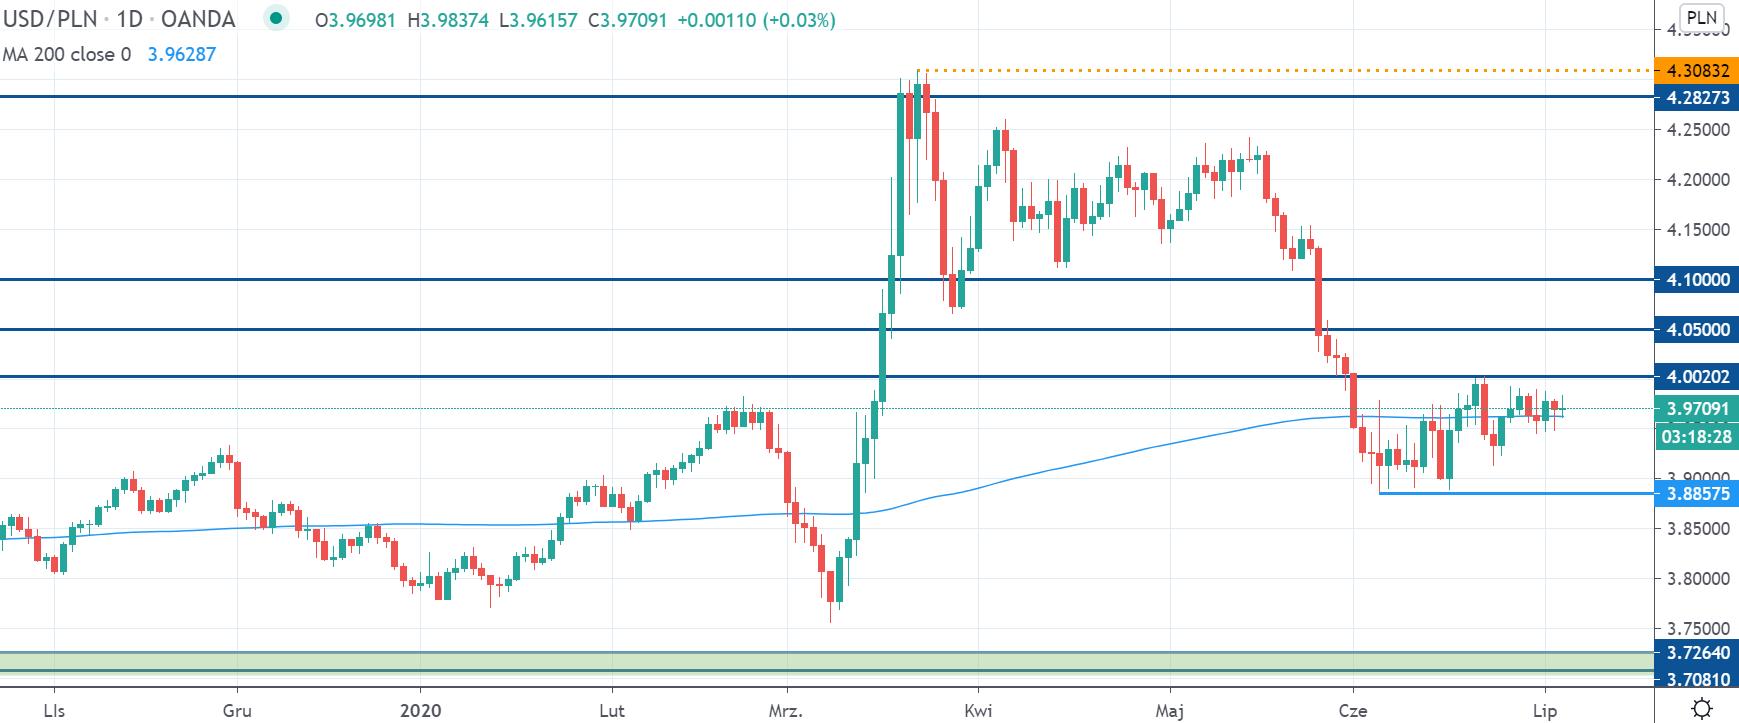 Kurs dolara konsoliduje poniżej 4,00 zł. USDPLN wróci do trendu wzrostowego